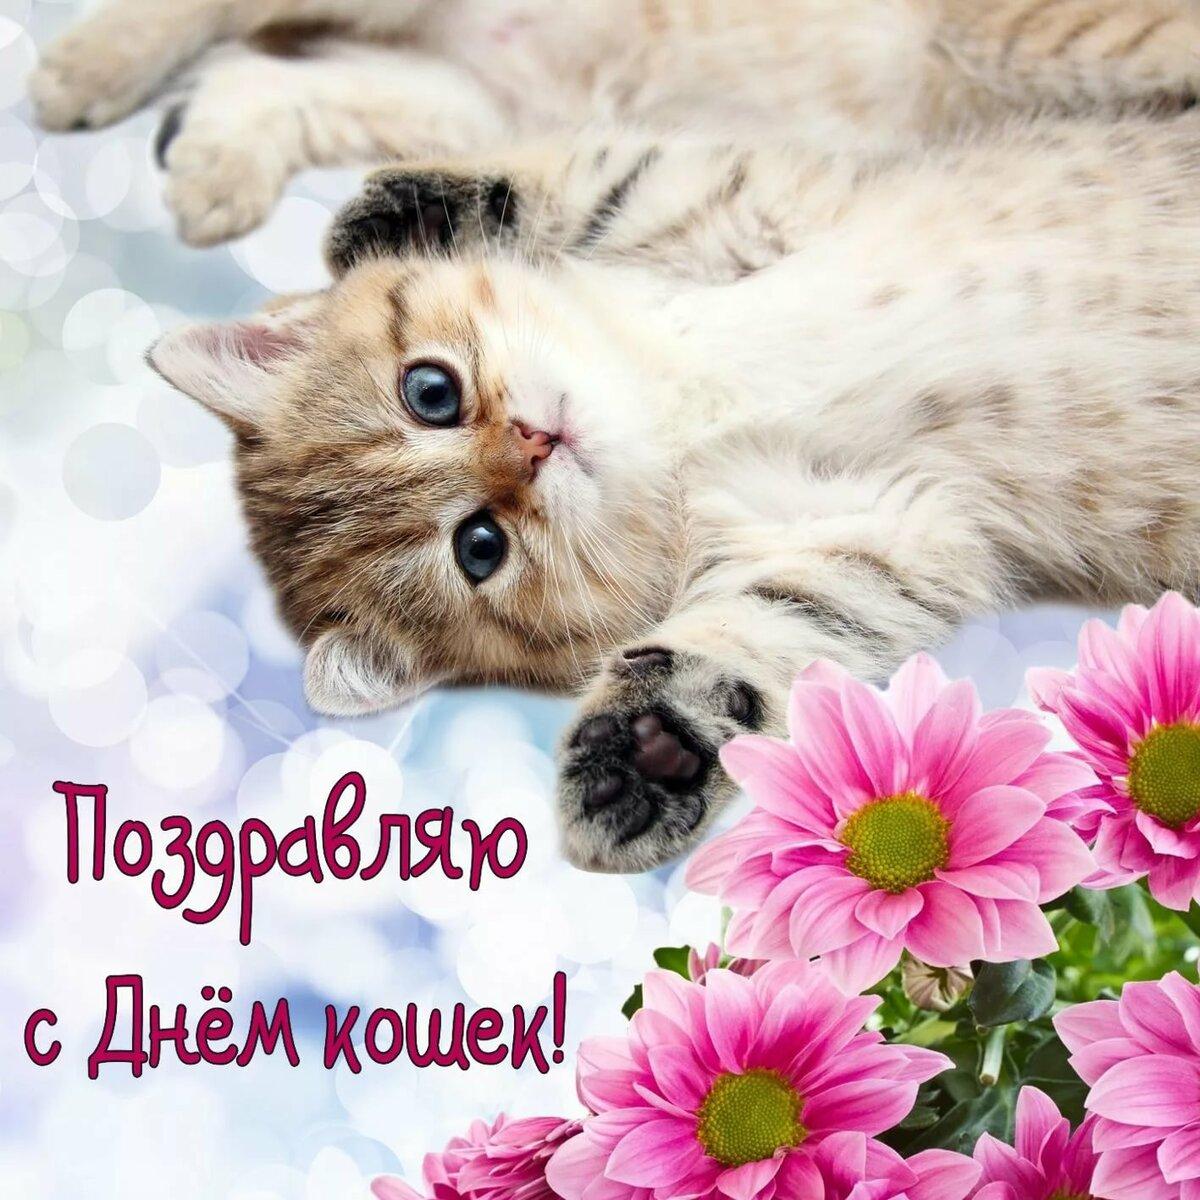 Цветок, всемирный день кошек смешные картинки